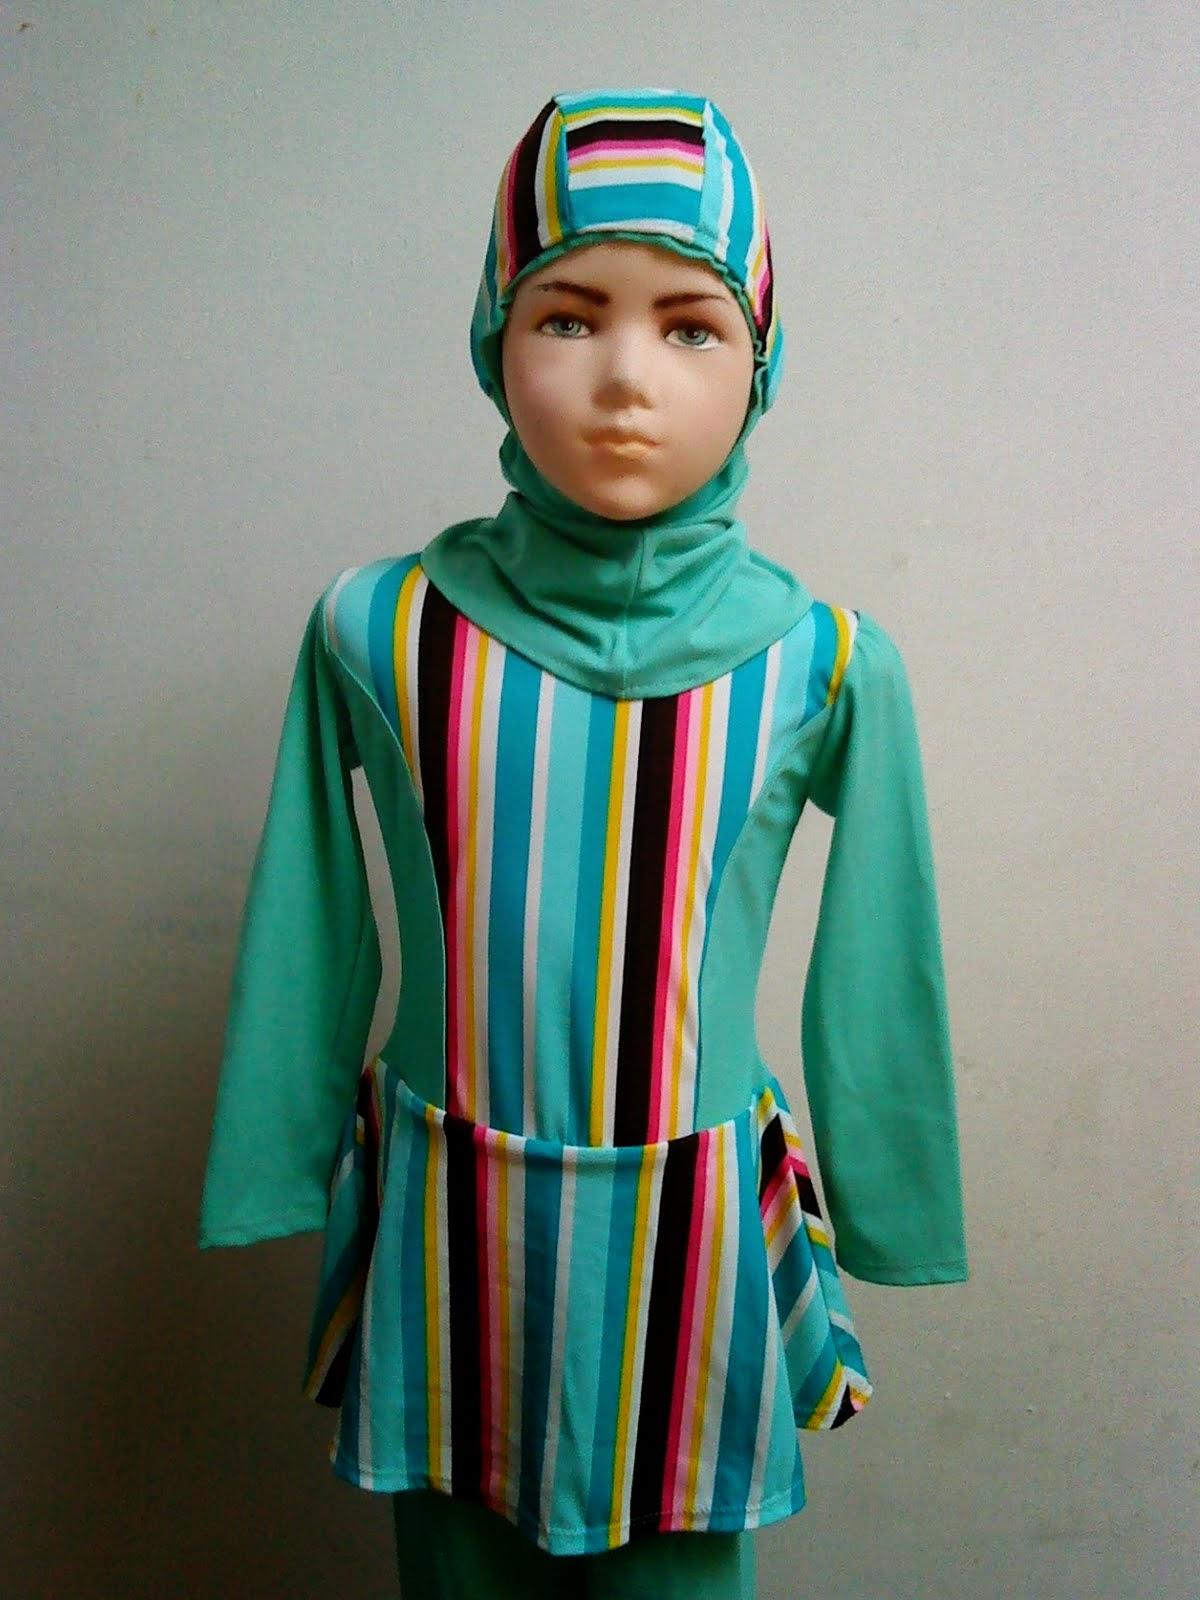 Baju renang anak muslim dengan motif garis trendy